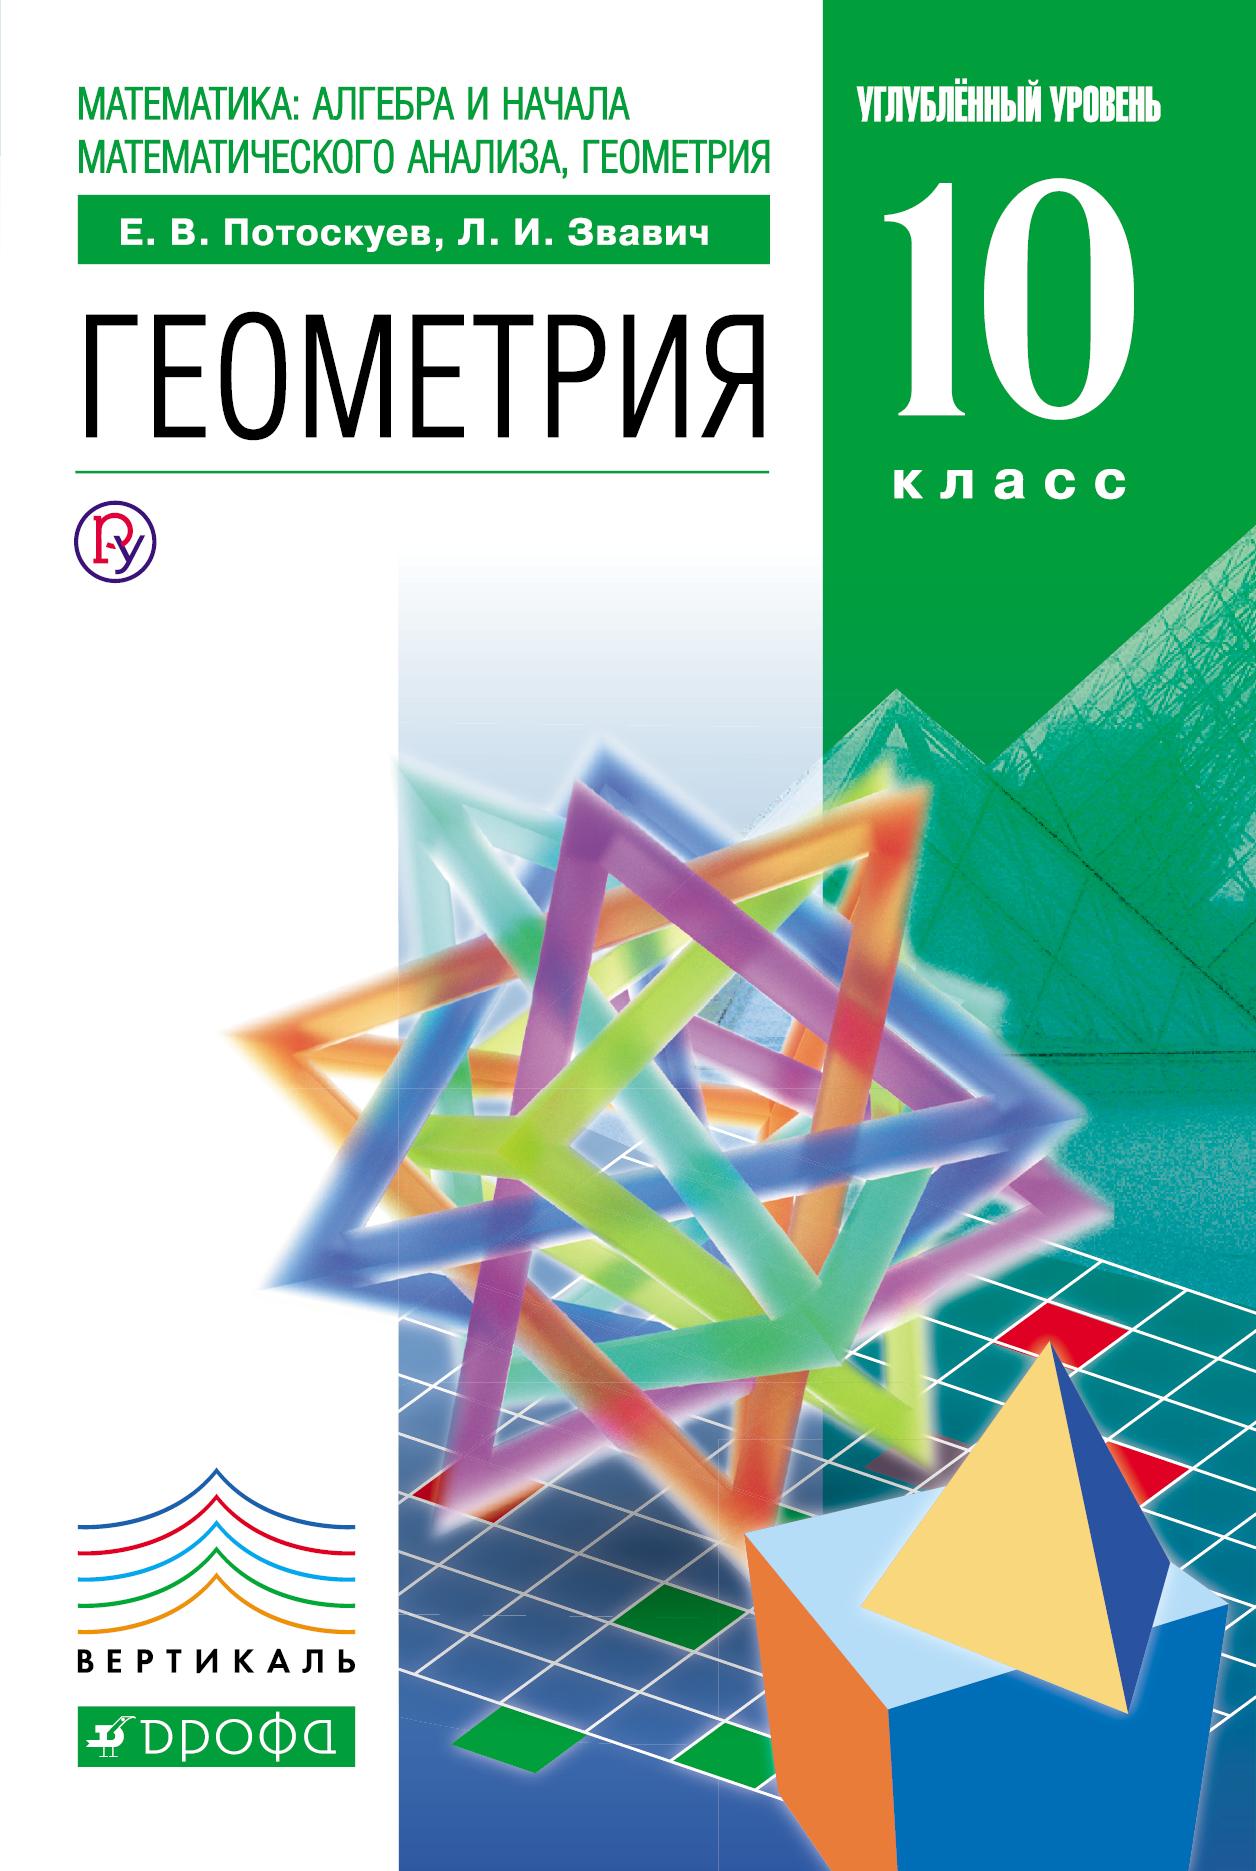 Потоскуев Е.В., Звавич Л.И. Математика: алгебра и начала математического анализа, геометрия. Геометрия.10 класс. Углубленный уровень. Учебник